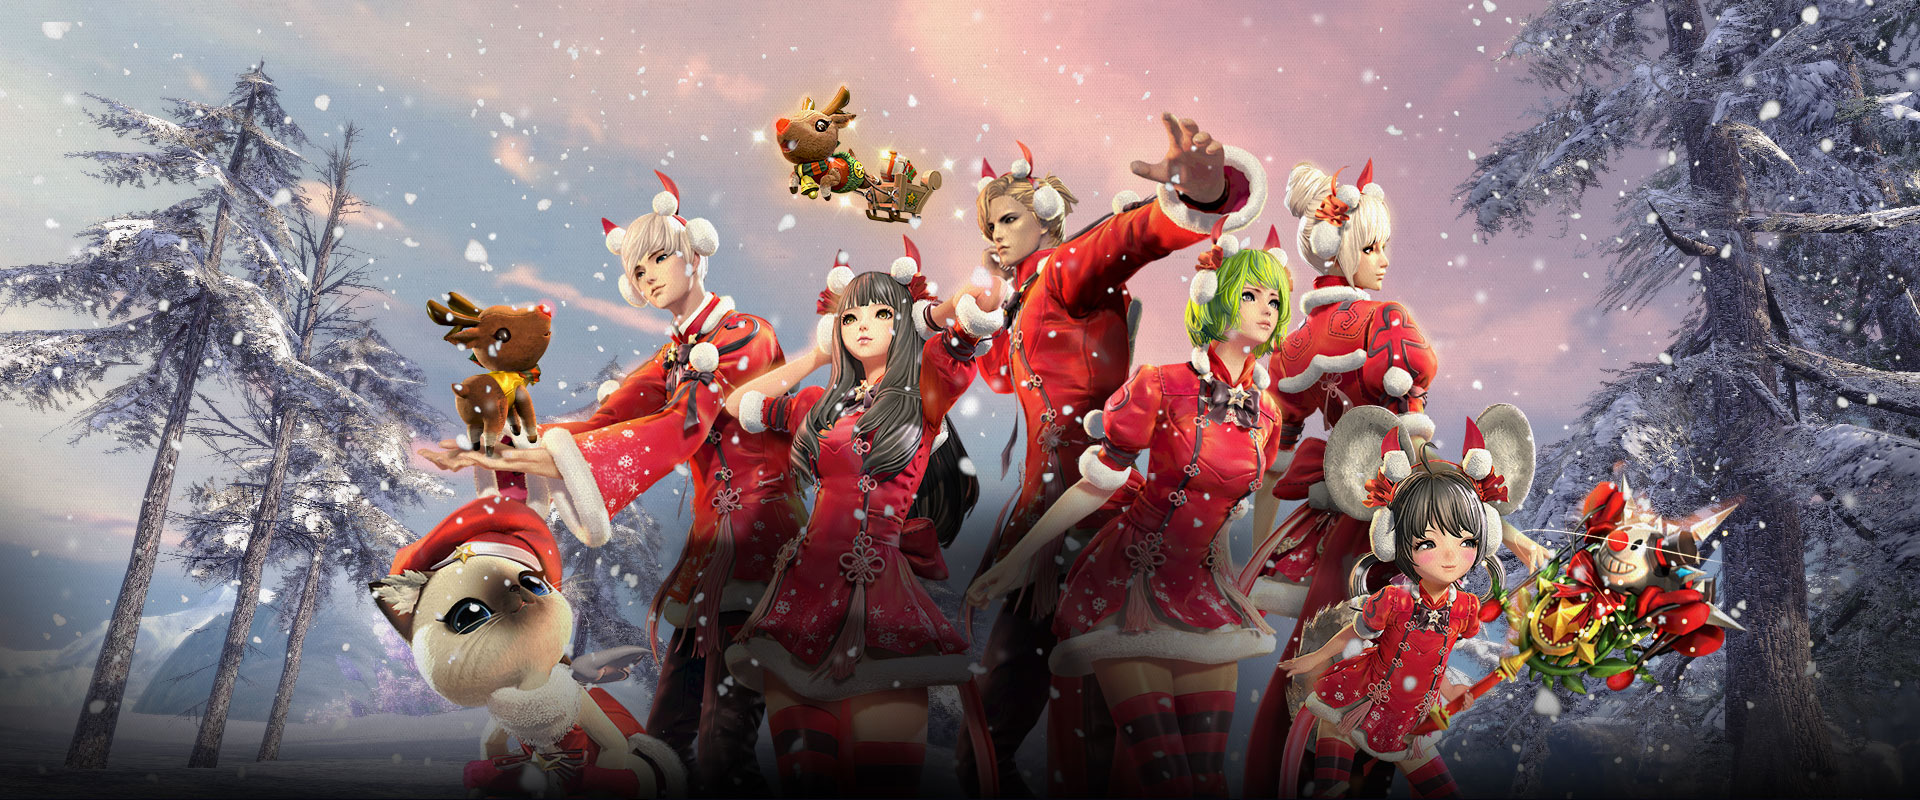 Mein-MMO fragt: Feiert ihr Weihnachten in MMOs?